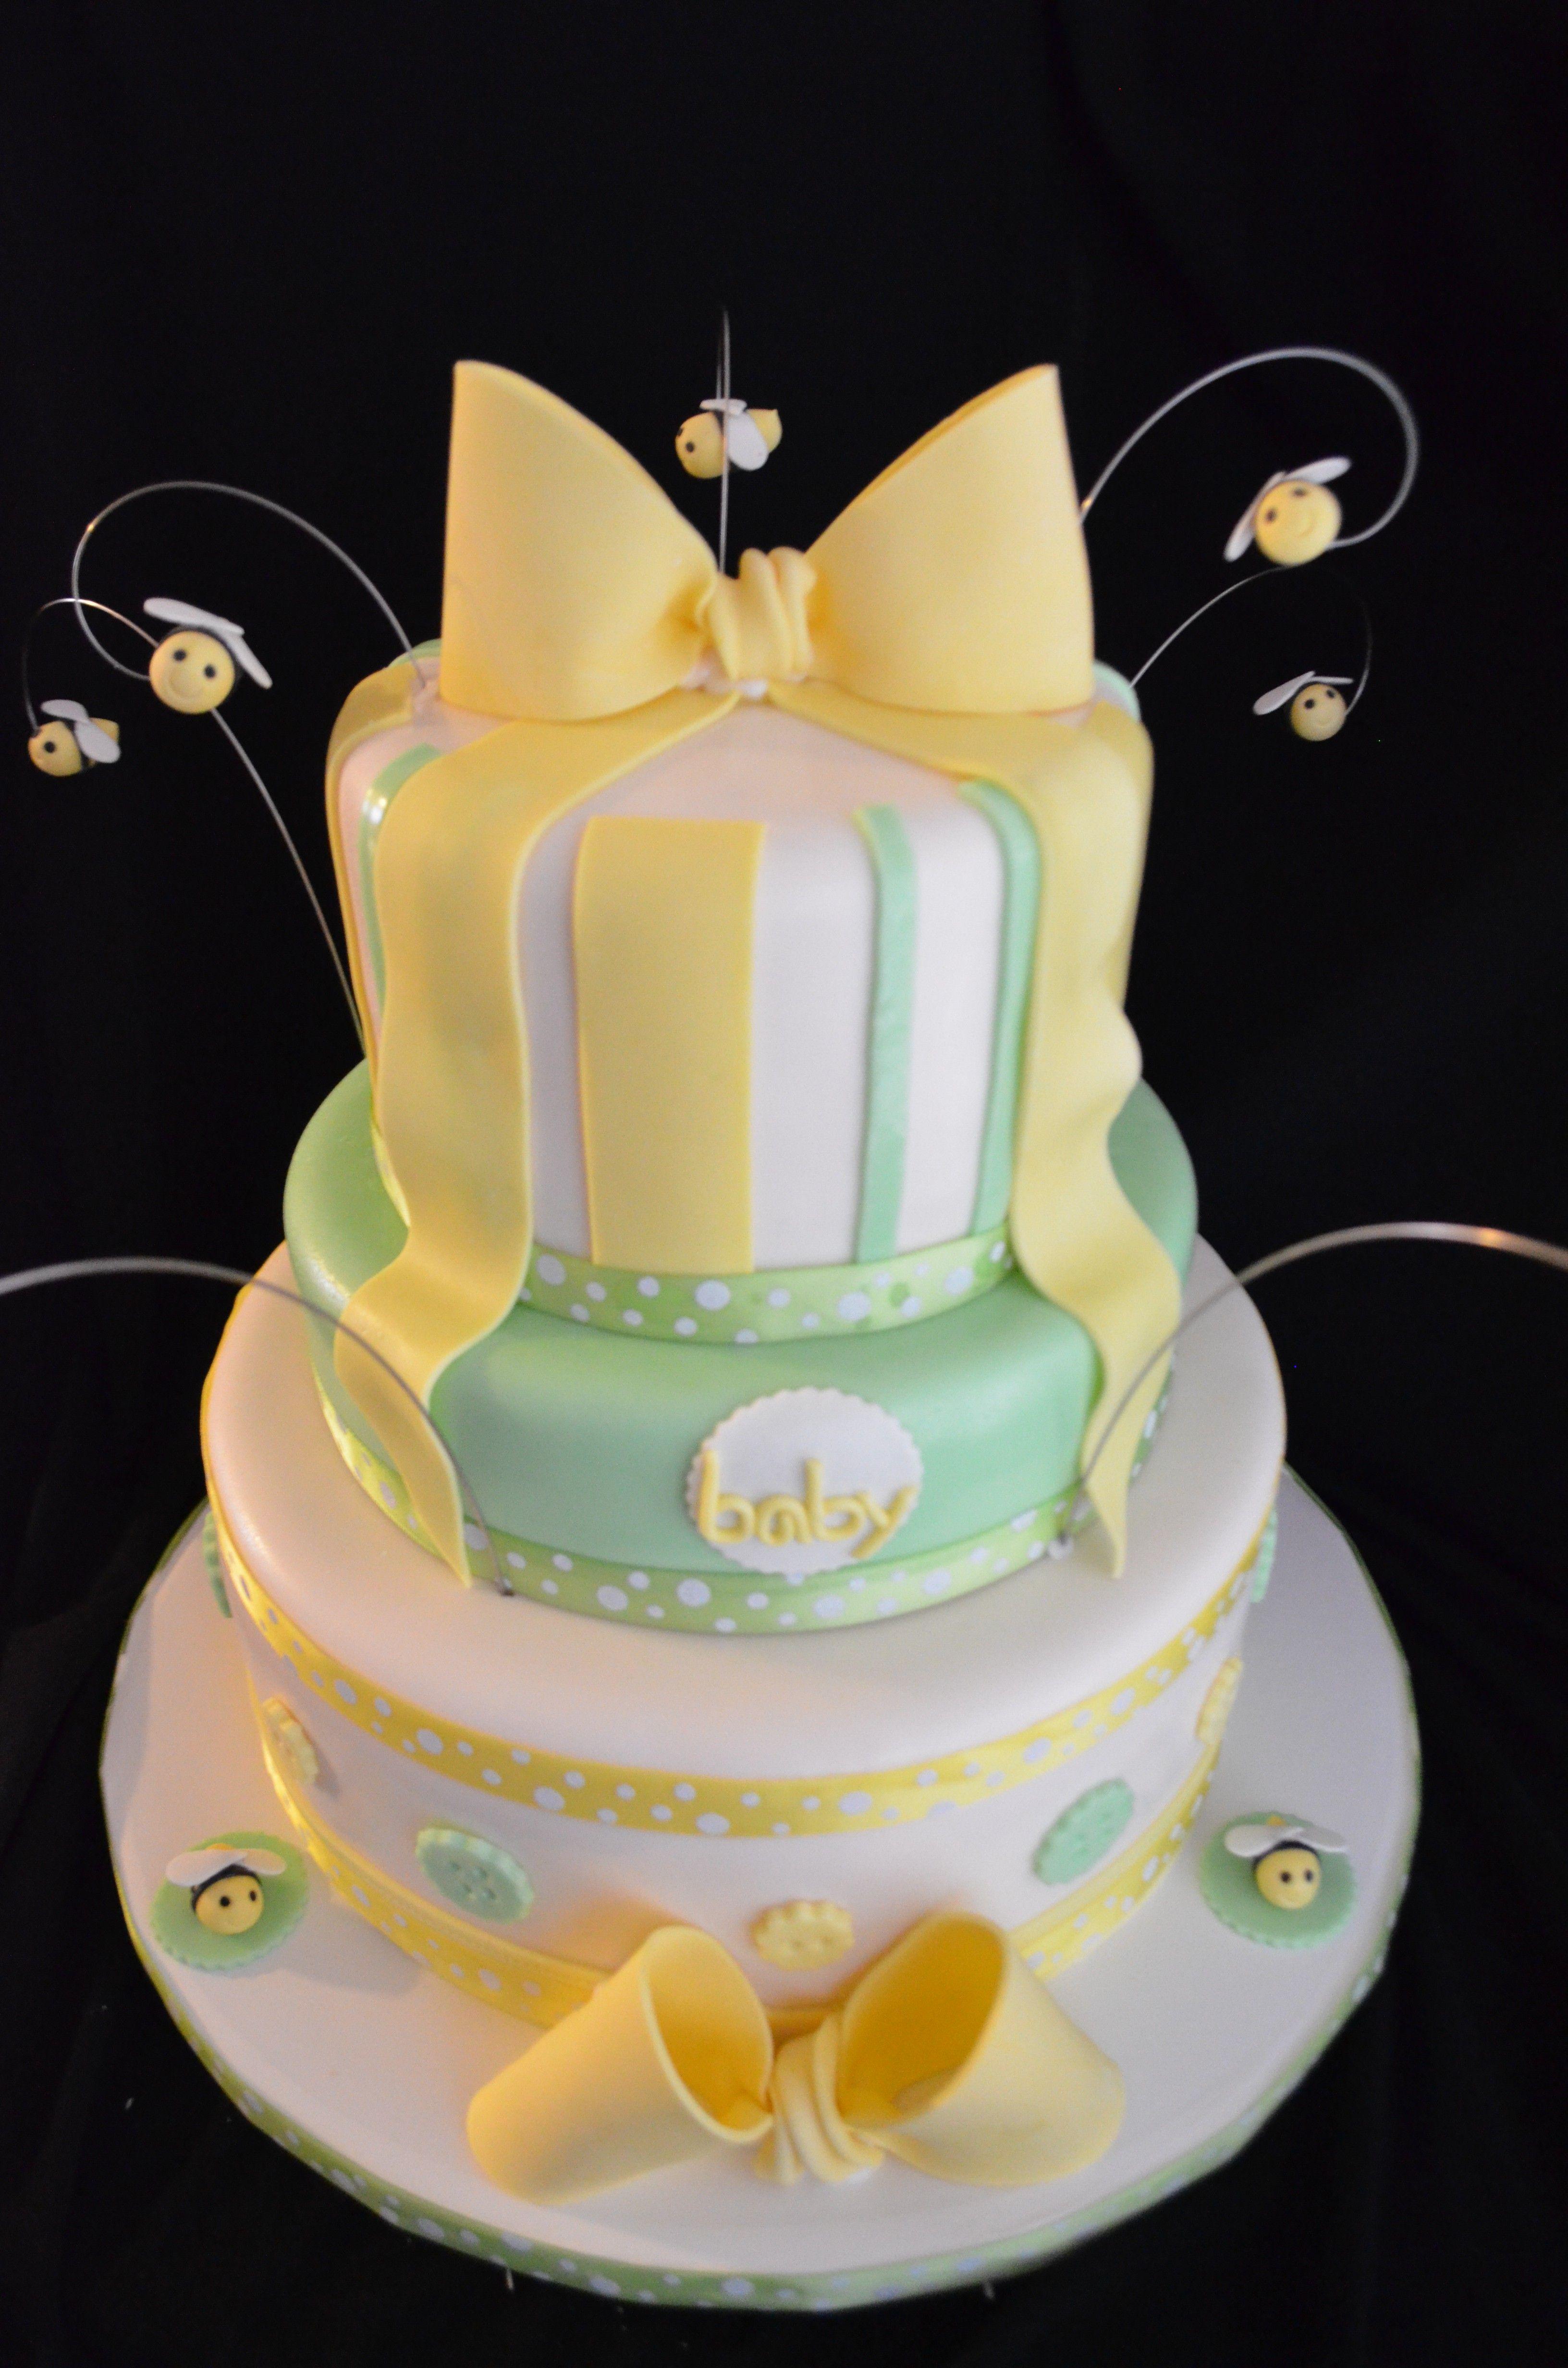 Gender neutral baby shower ideas pinterest - Gender Neutral Baby Shower Cake